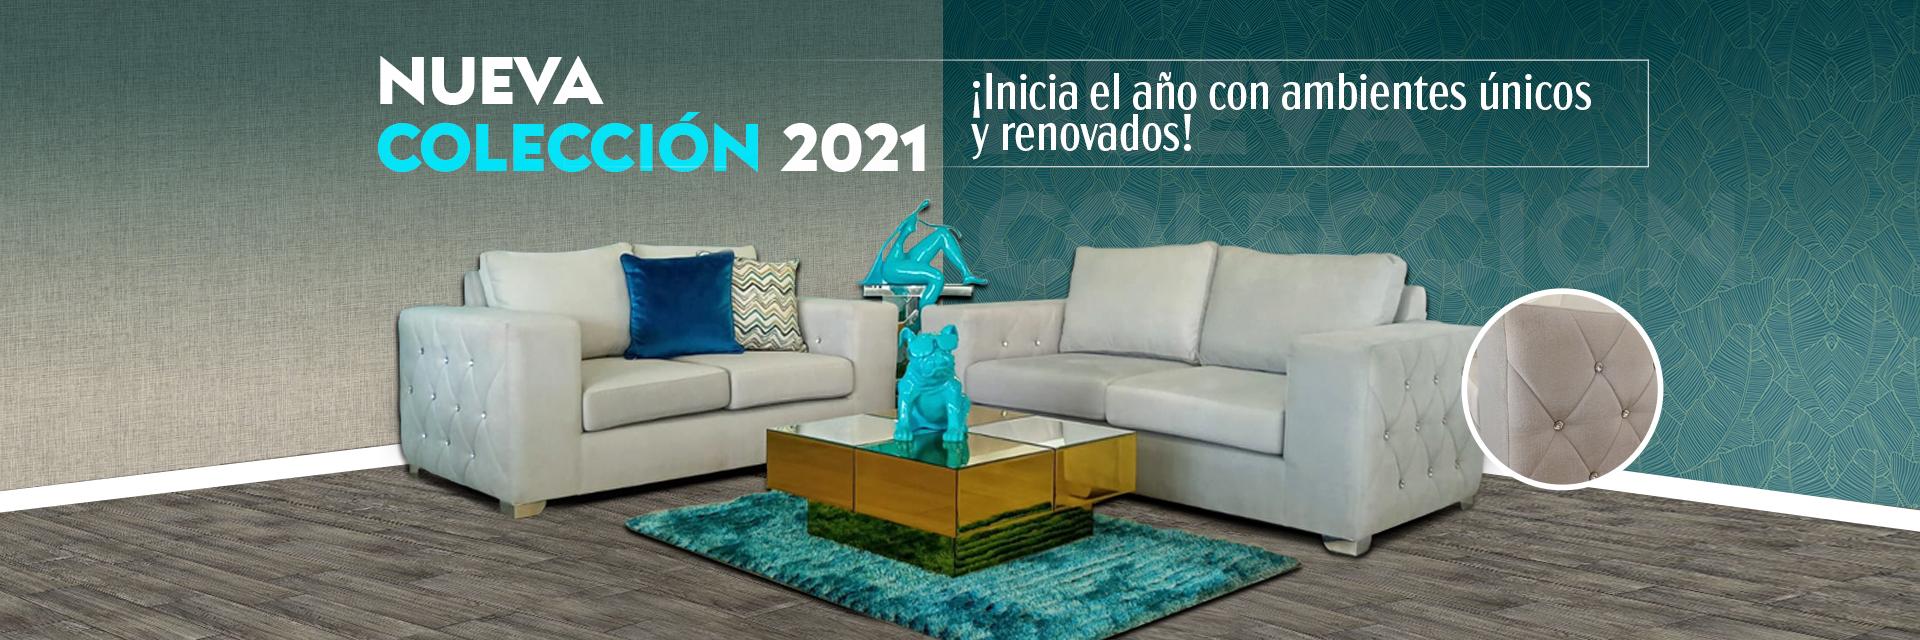 Colleccion_2021_Muebles